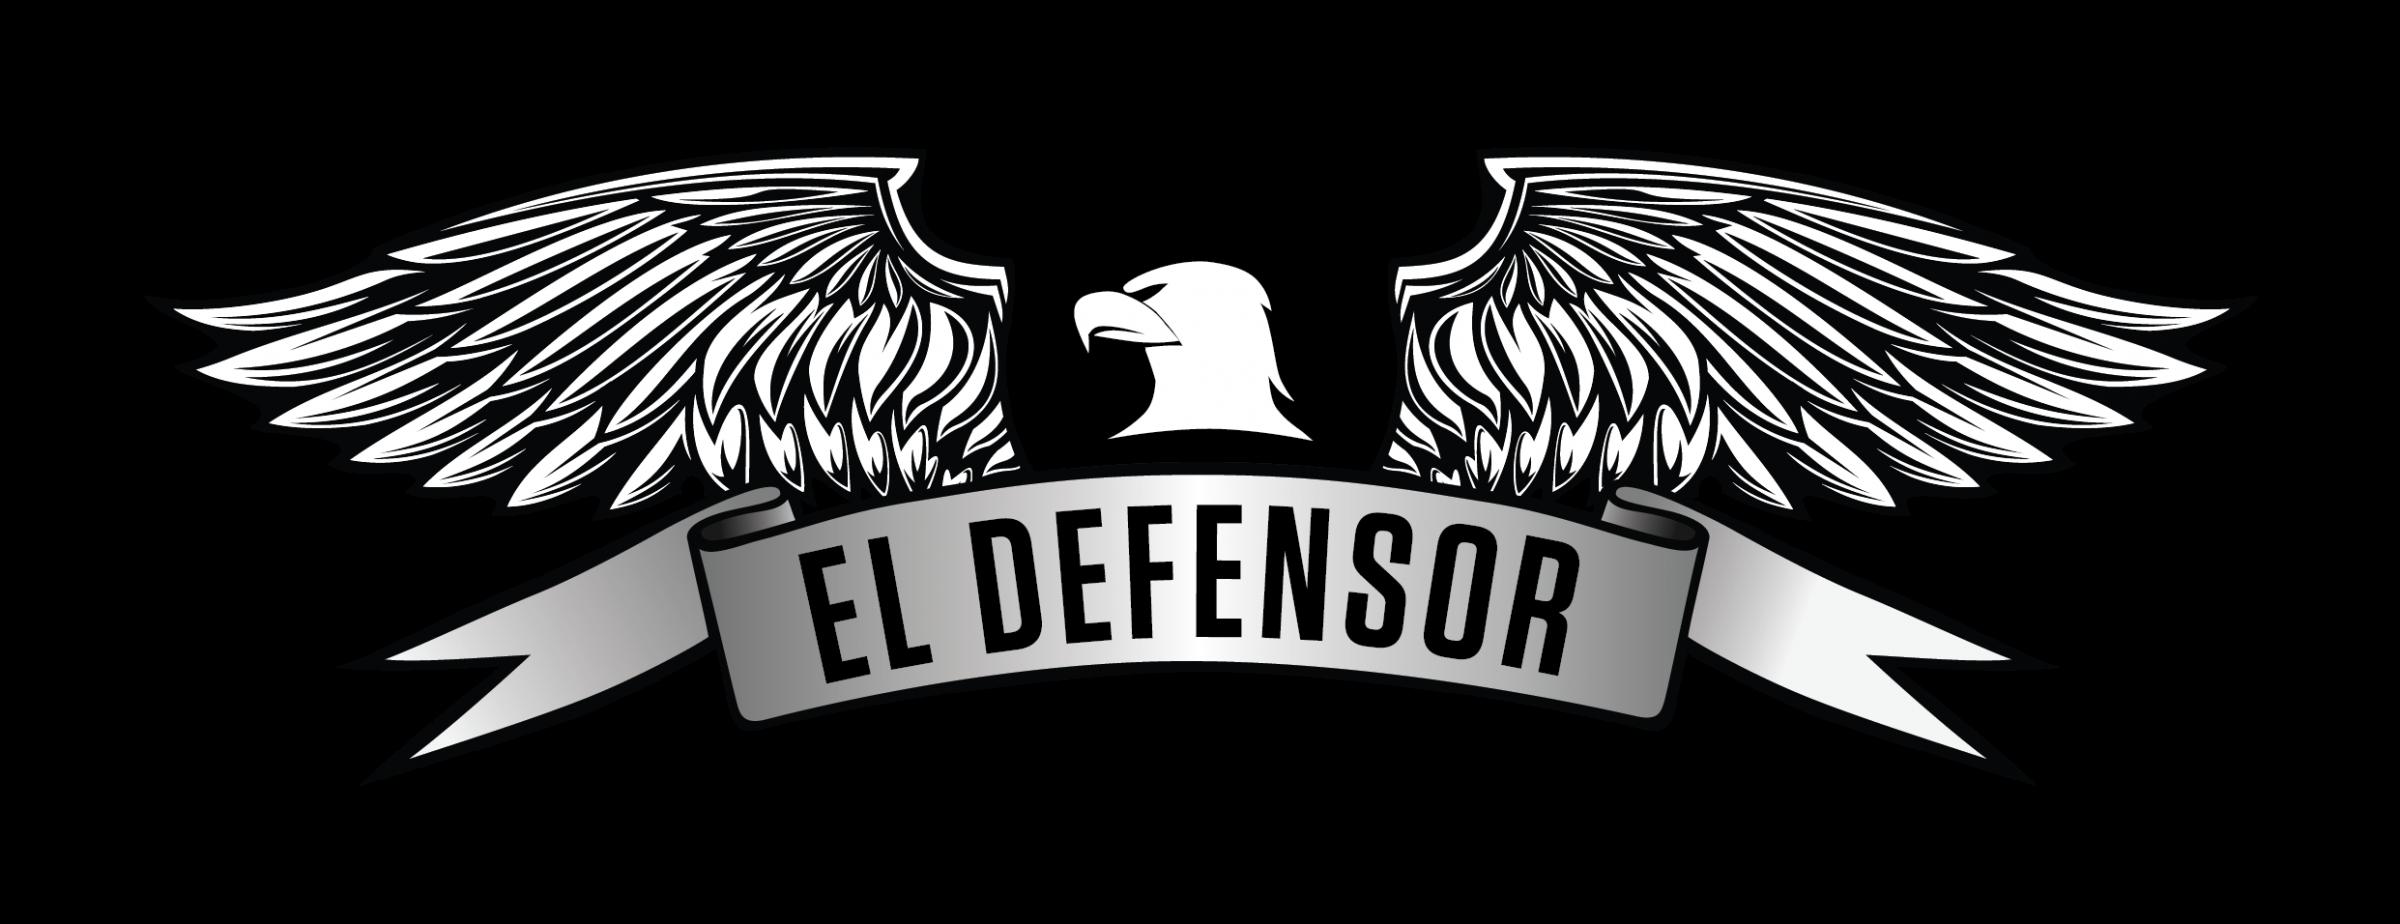 El-Defensor_logo-FINAL-01-01.png